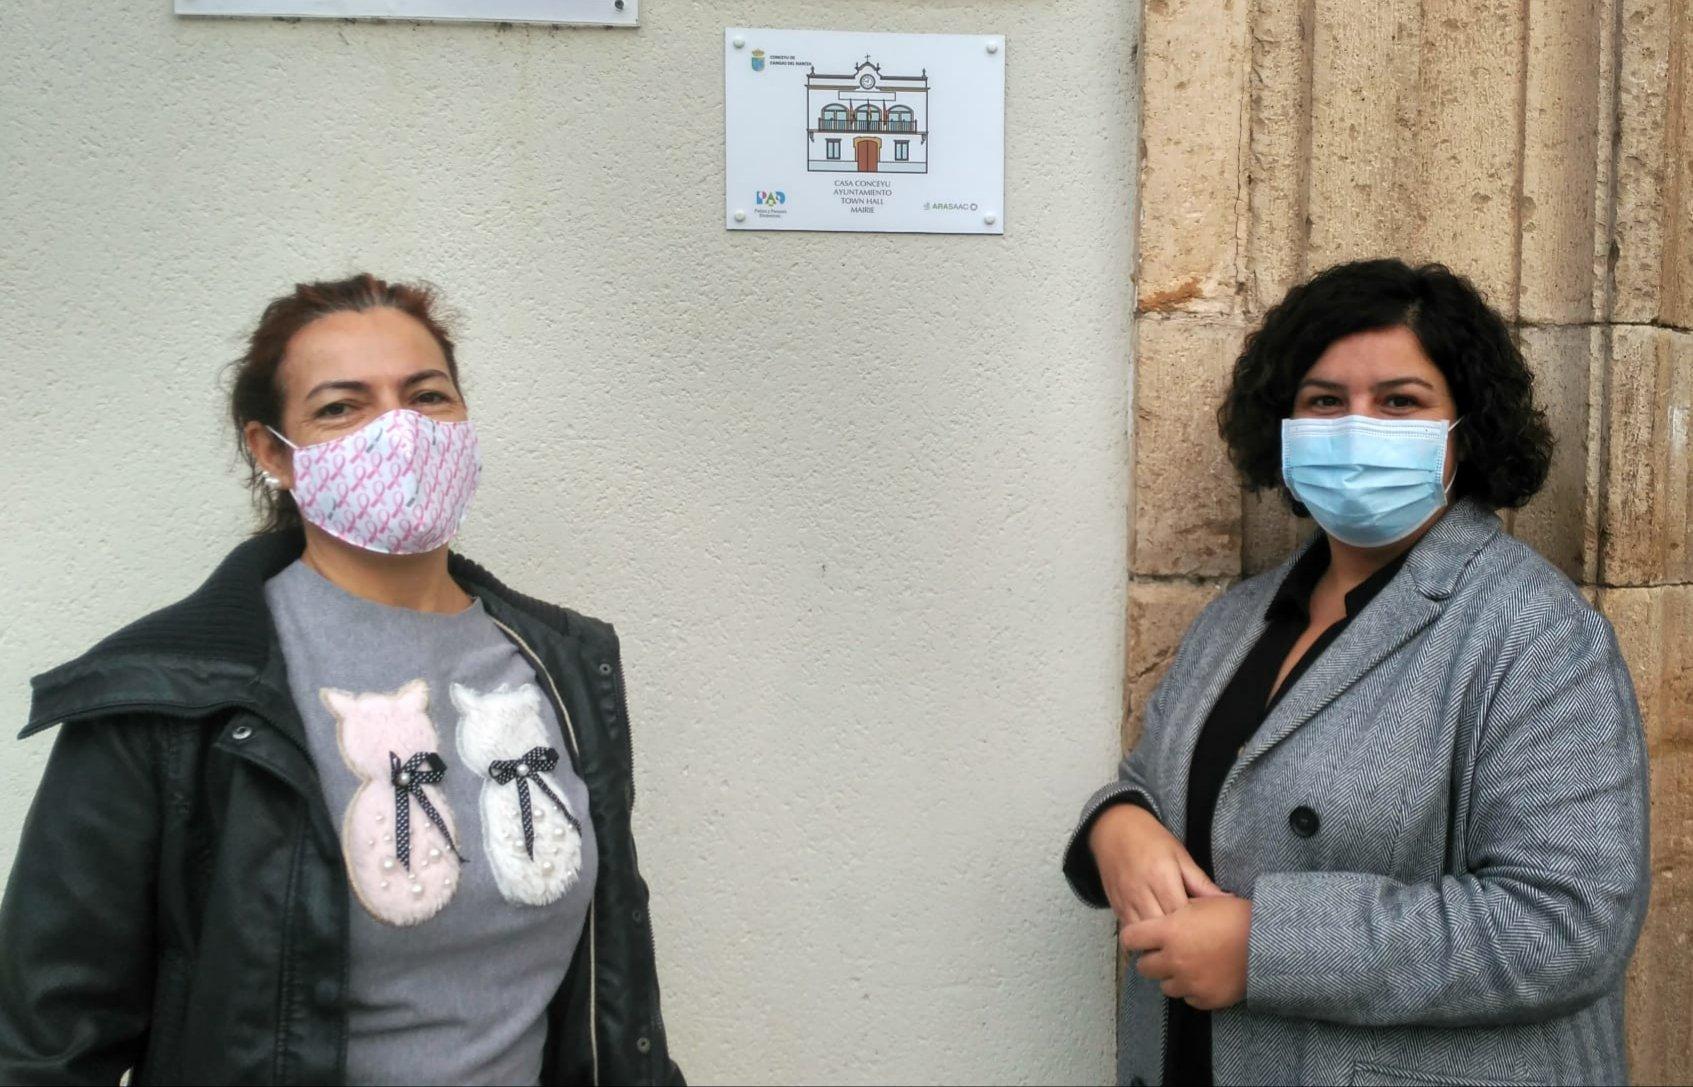 El ayuntamiento de Cangas del Narcea instala siete placas con pictogramas en edificios municipales para garantizar la accesibilidad cognitiva